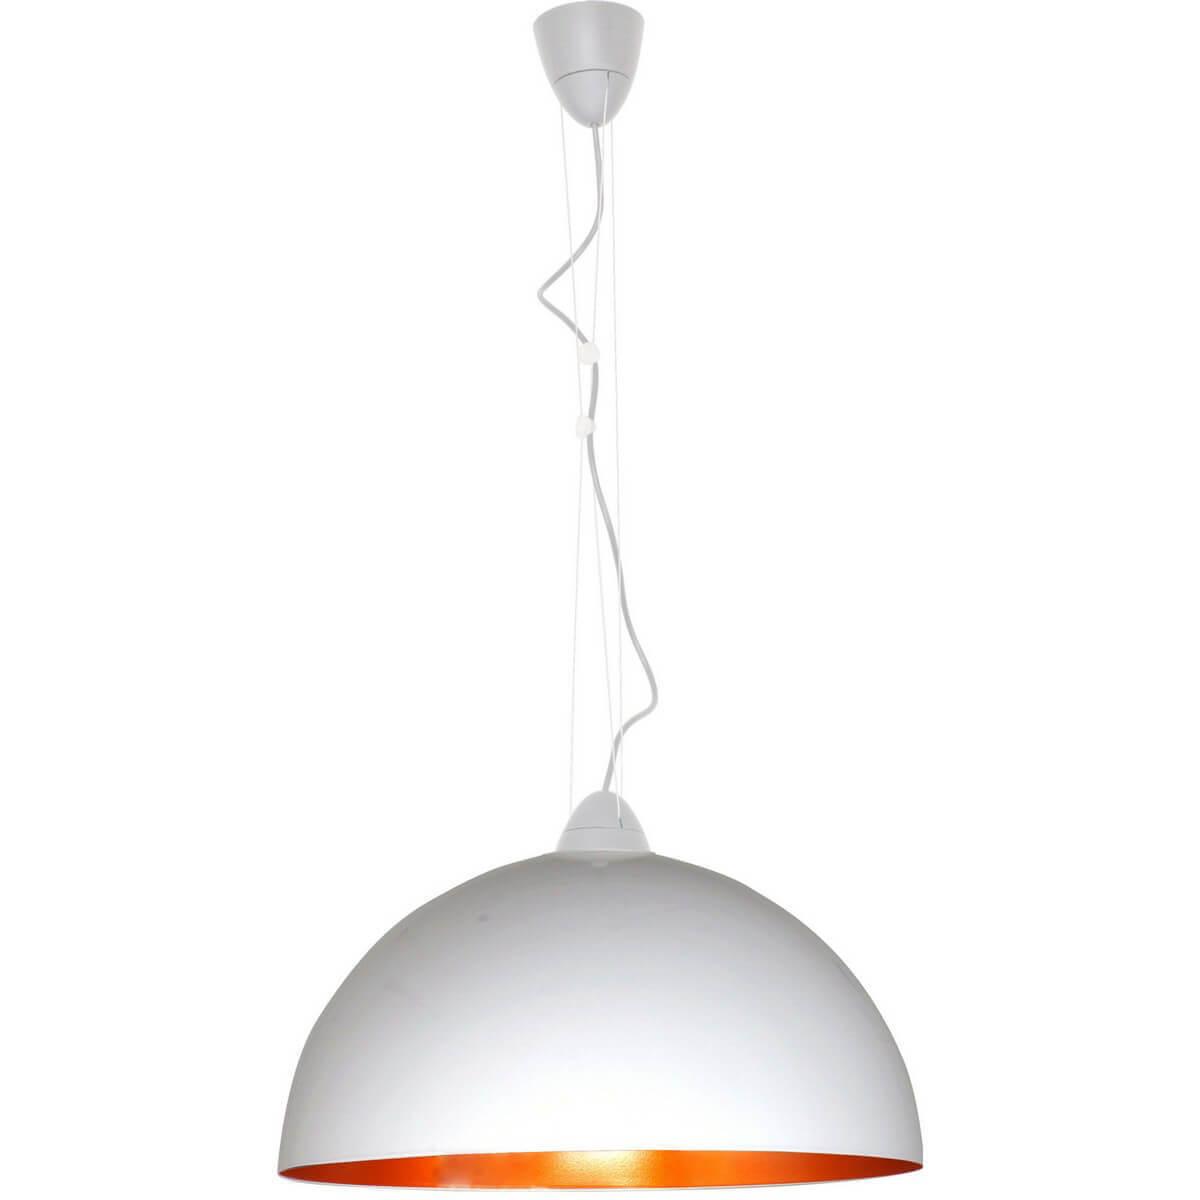 Светильник Nowodvorski 4842 Hemisphere White-G подвесной светильник nowodvorski hemisphere cracks 6371